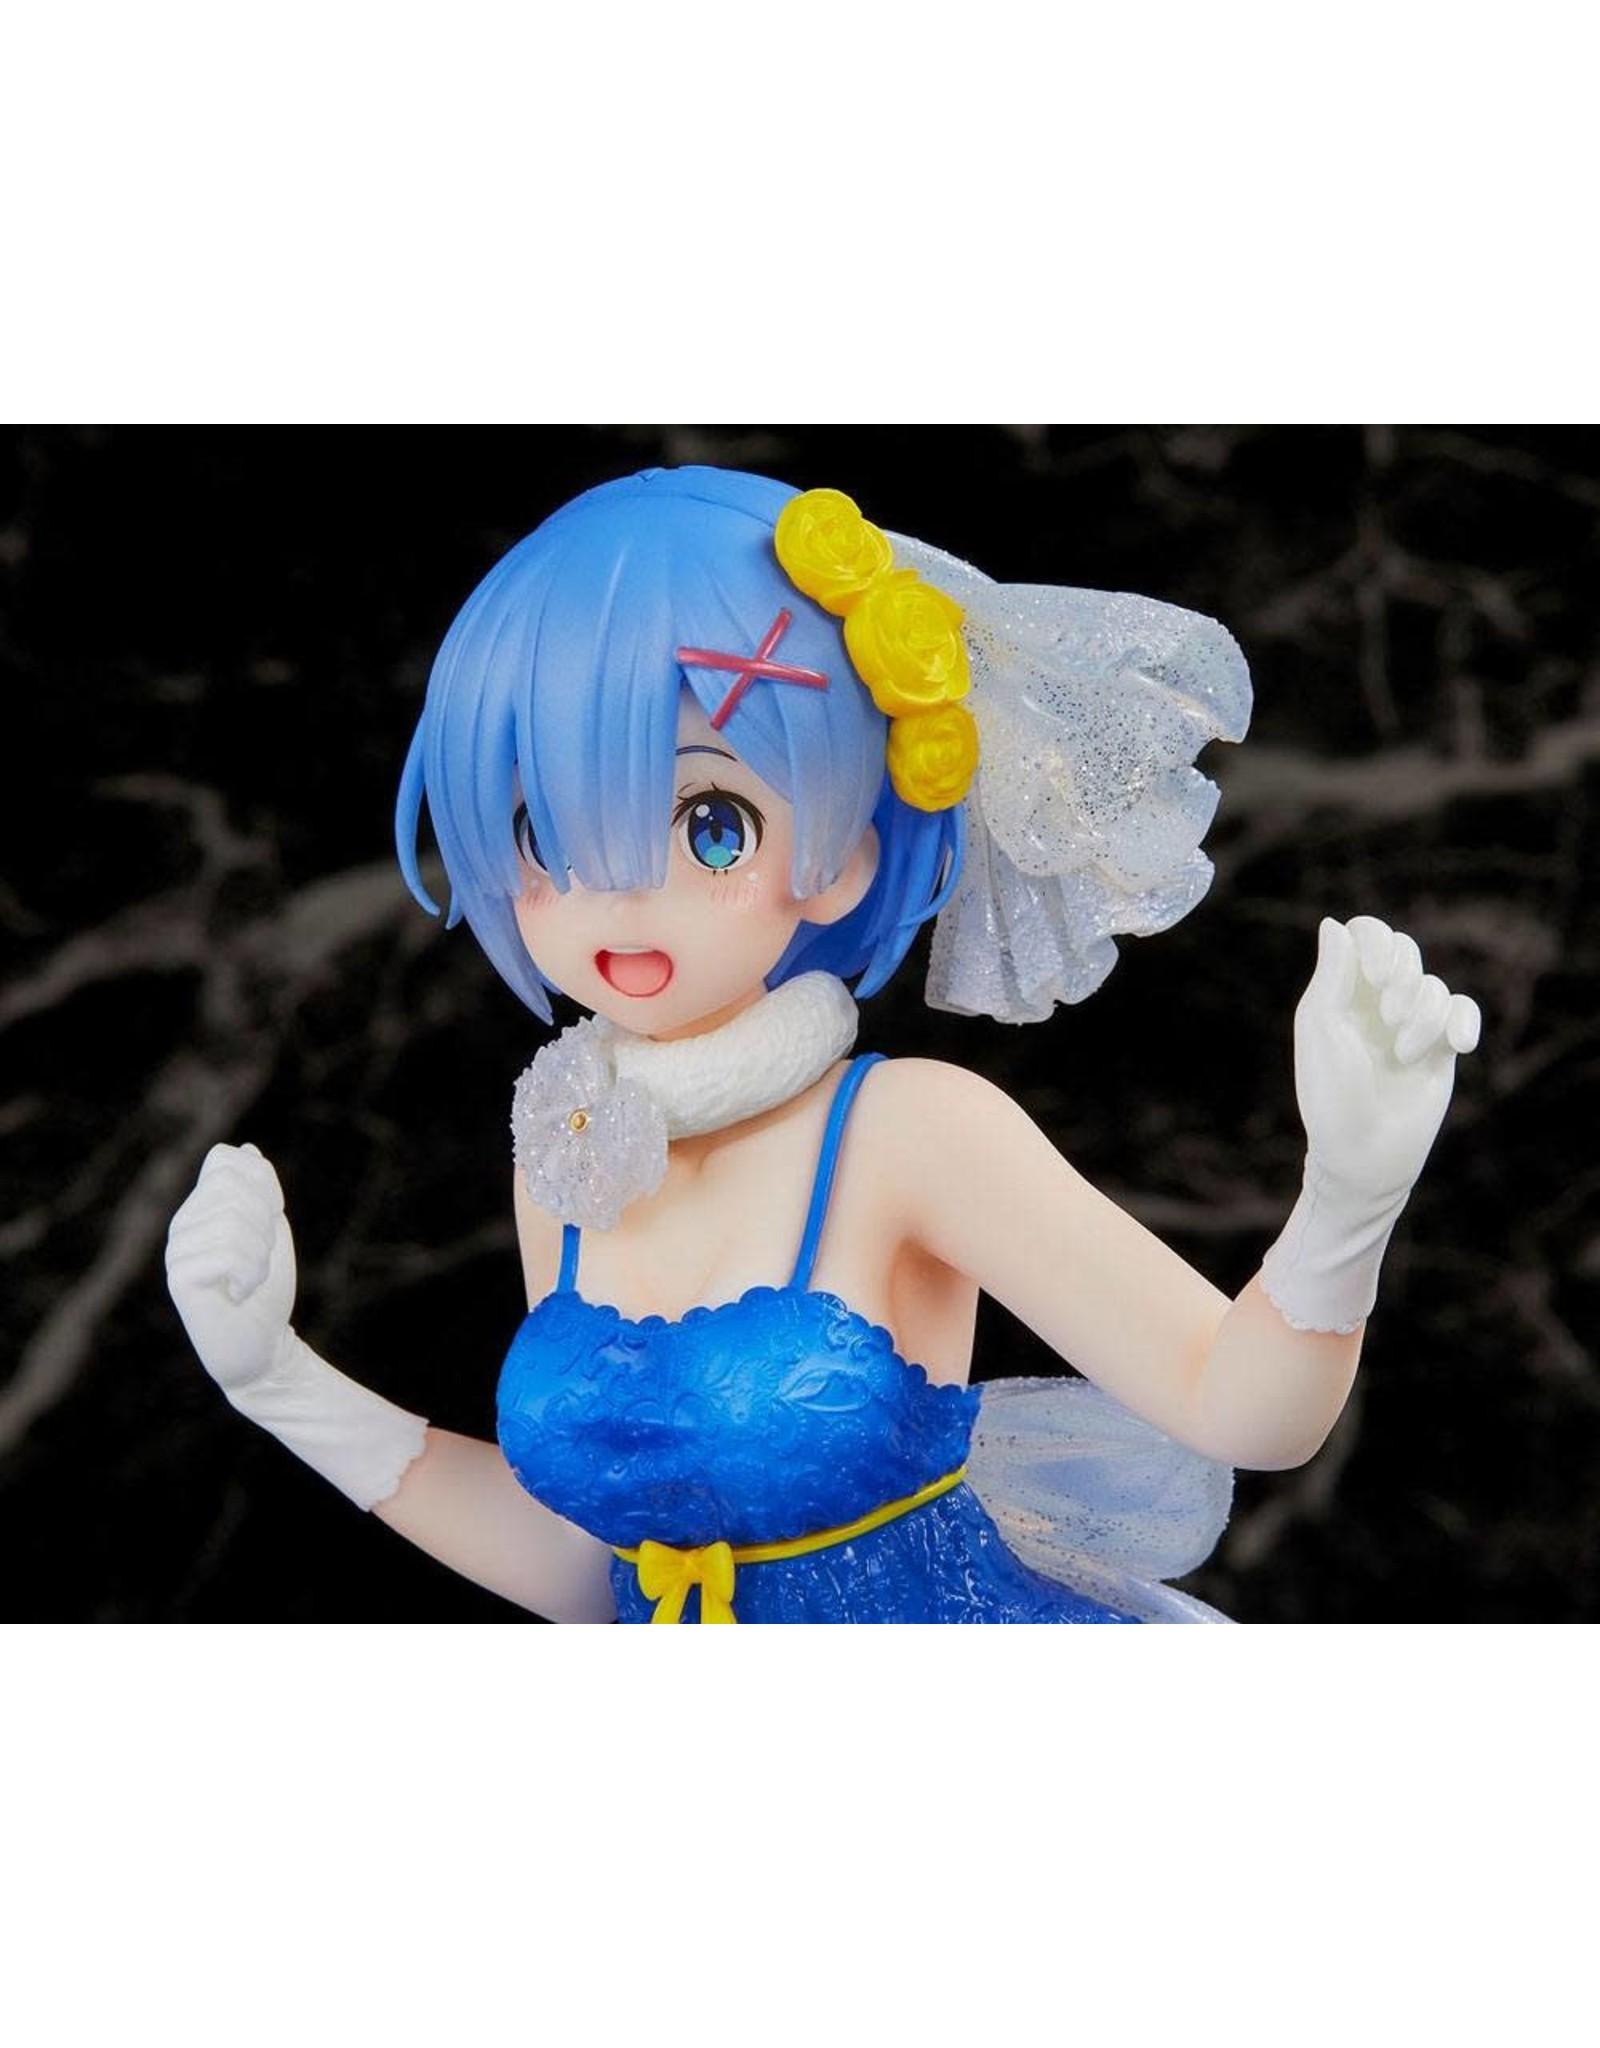 Re: Zero - Rem - Clear Dress Version - PVC Statue - 23 cm